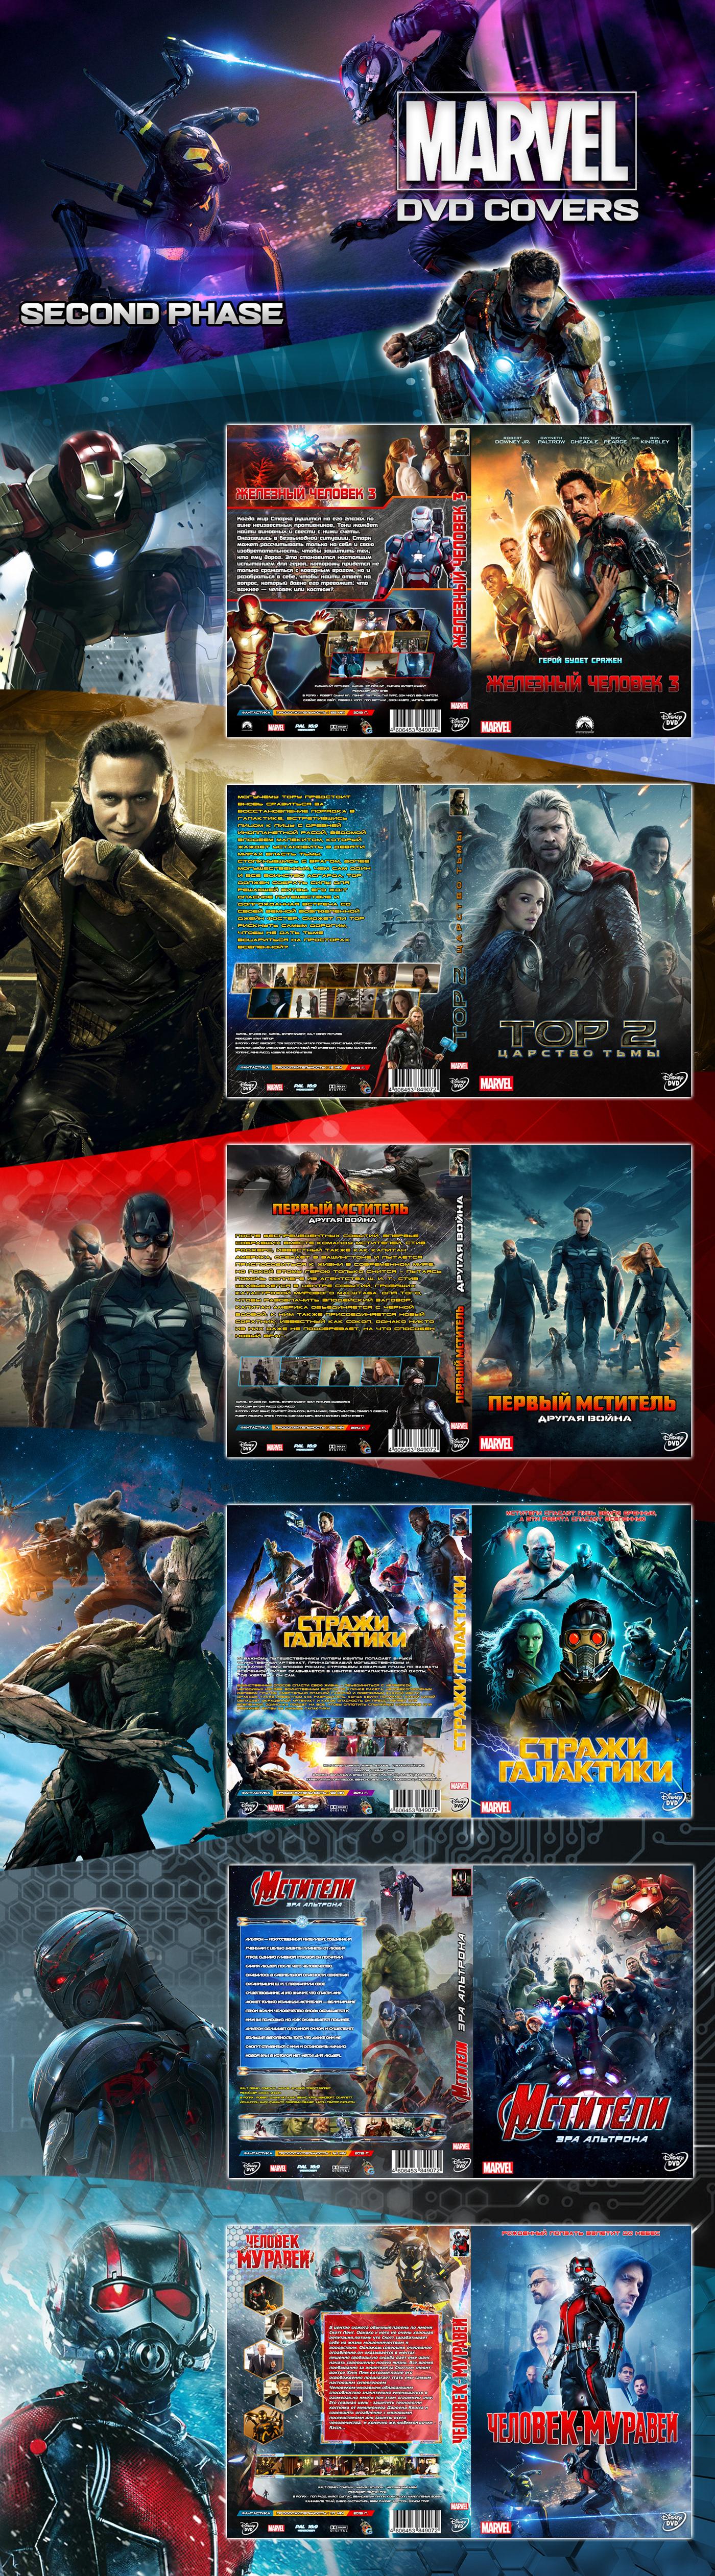 DVD-COVERS marvel films ironman Thor Captain Amerika spider-man Doctor Strange Captain Marvel Avengers